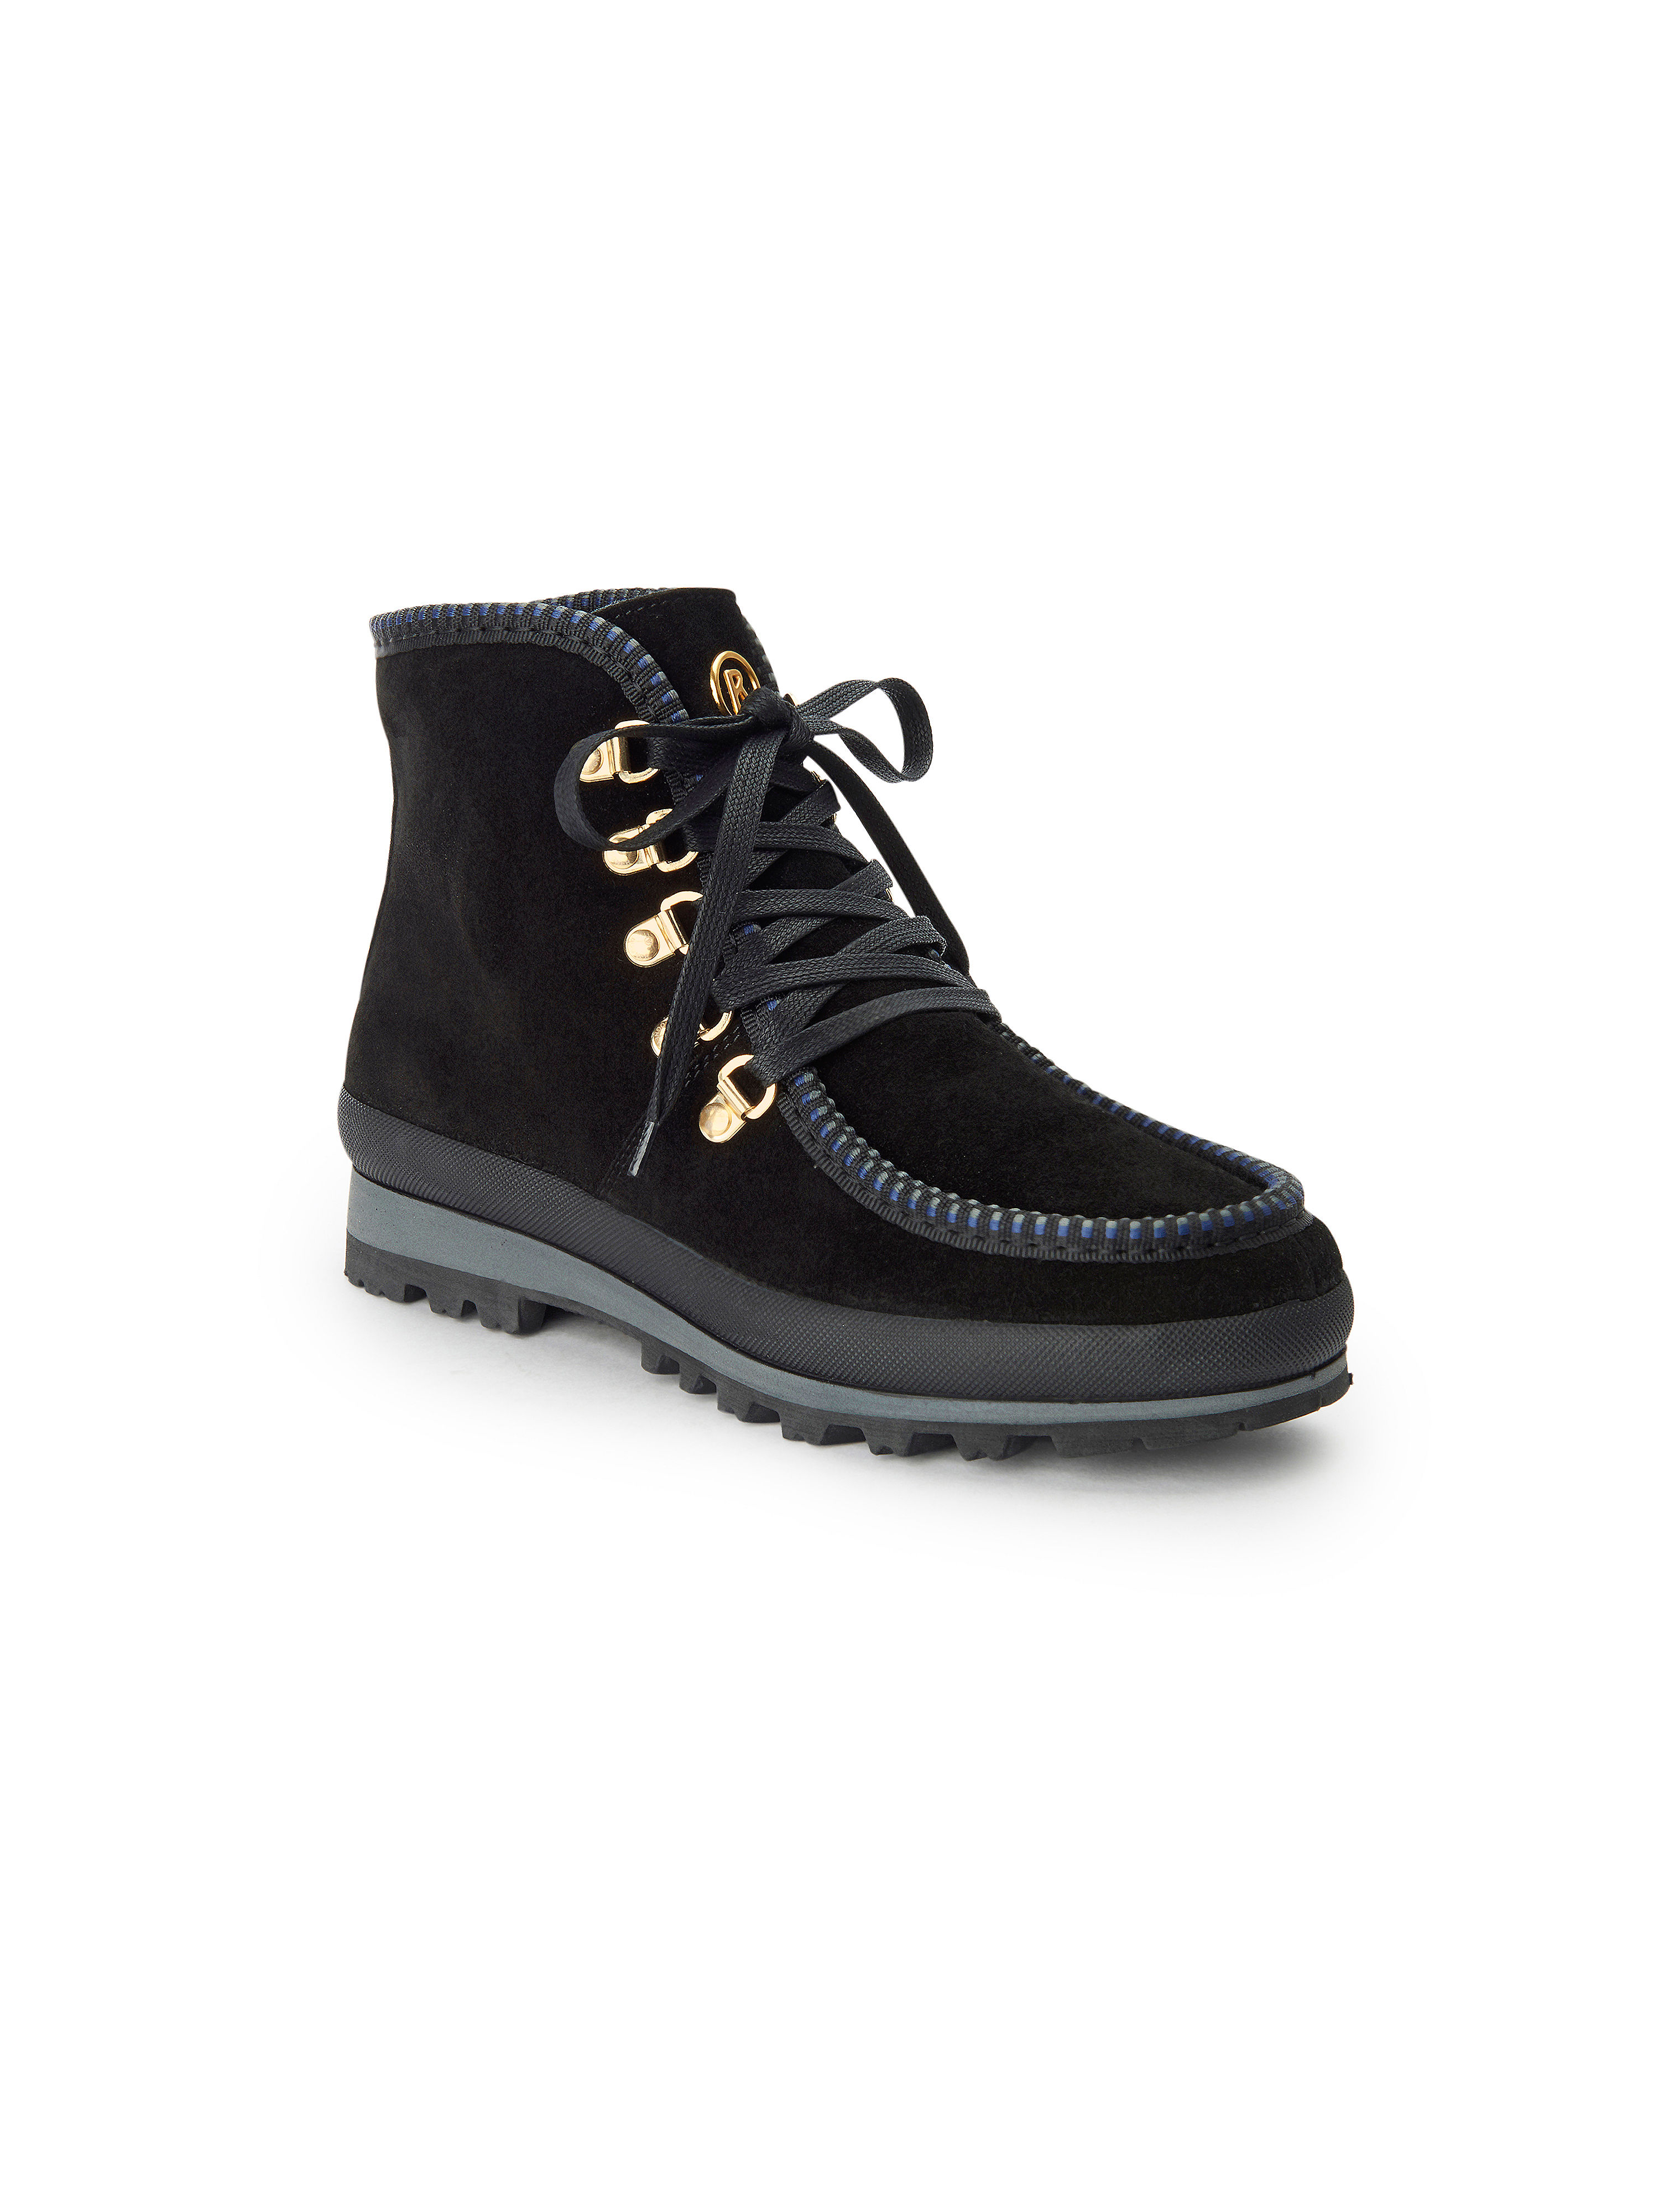 Bogner - Stiefelette - Schwarz Gute Qualität beliebte Schuhe